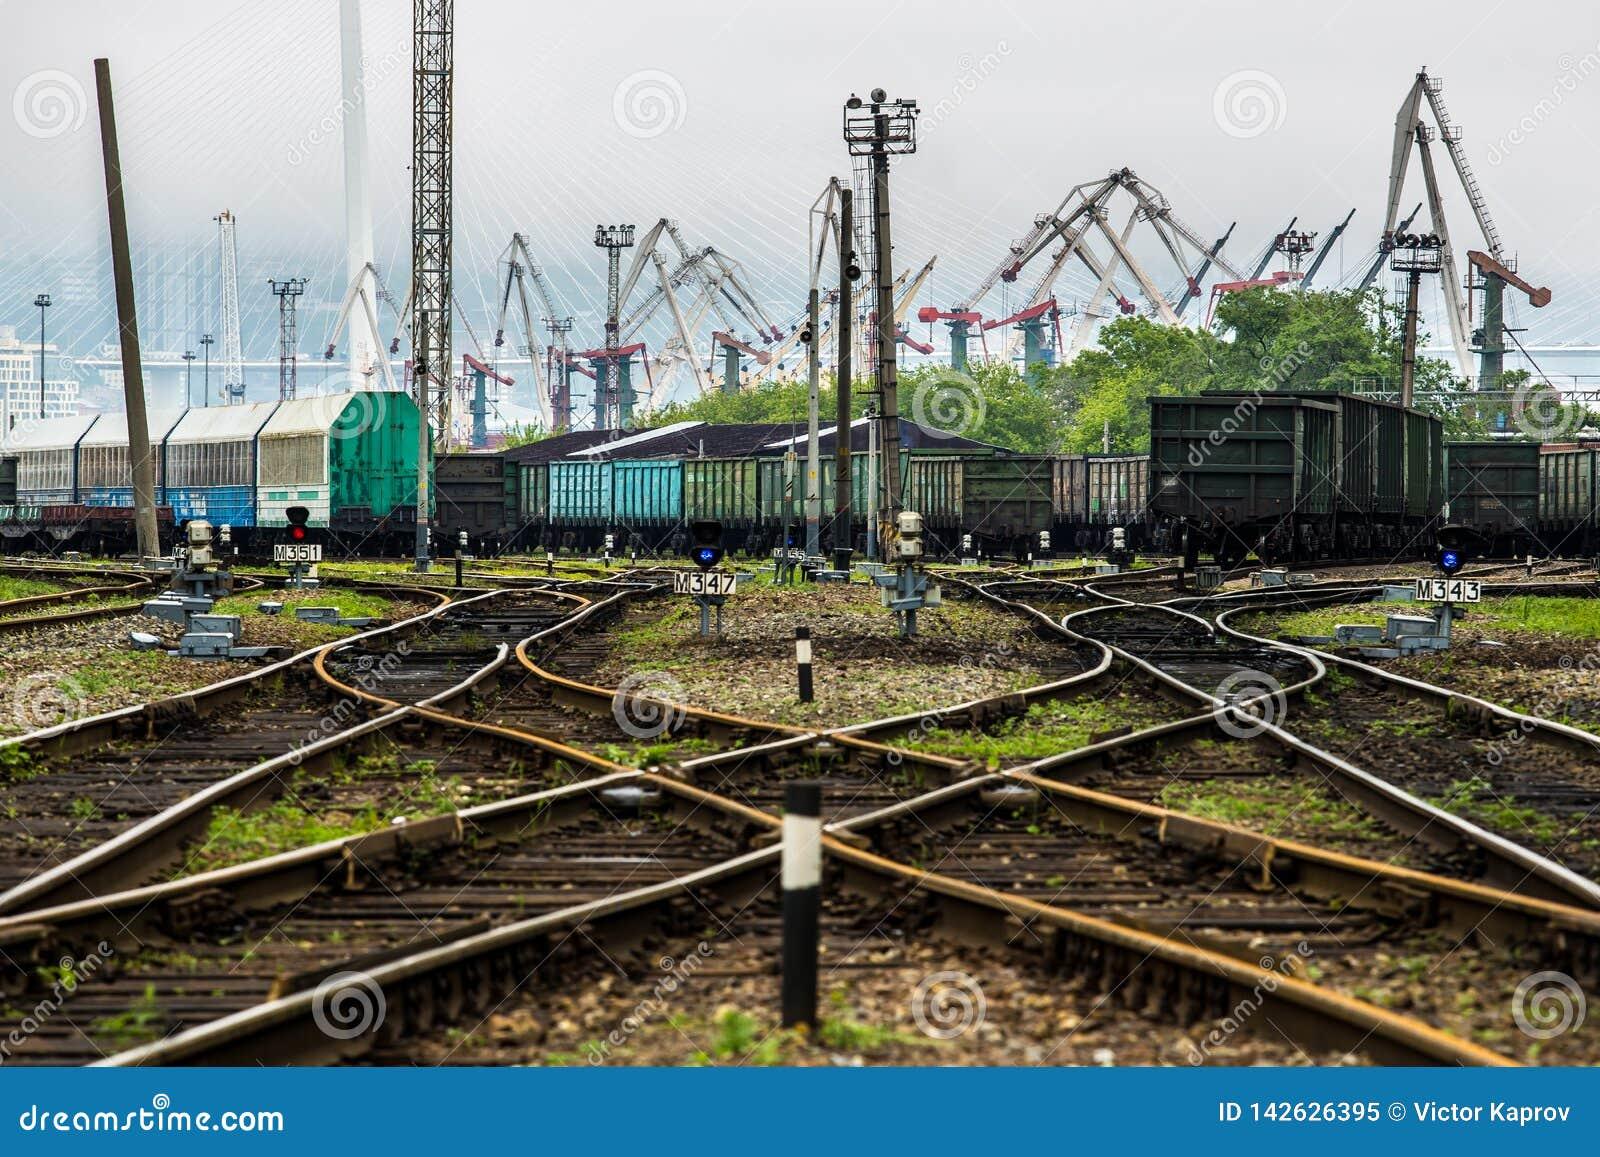 铁路轨道和口岸在背景中